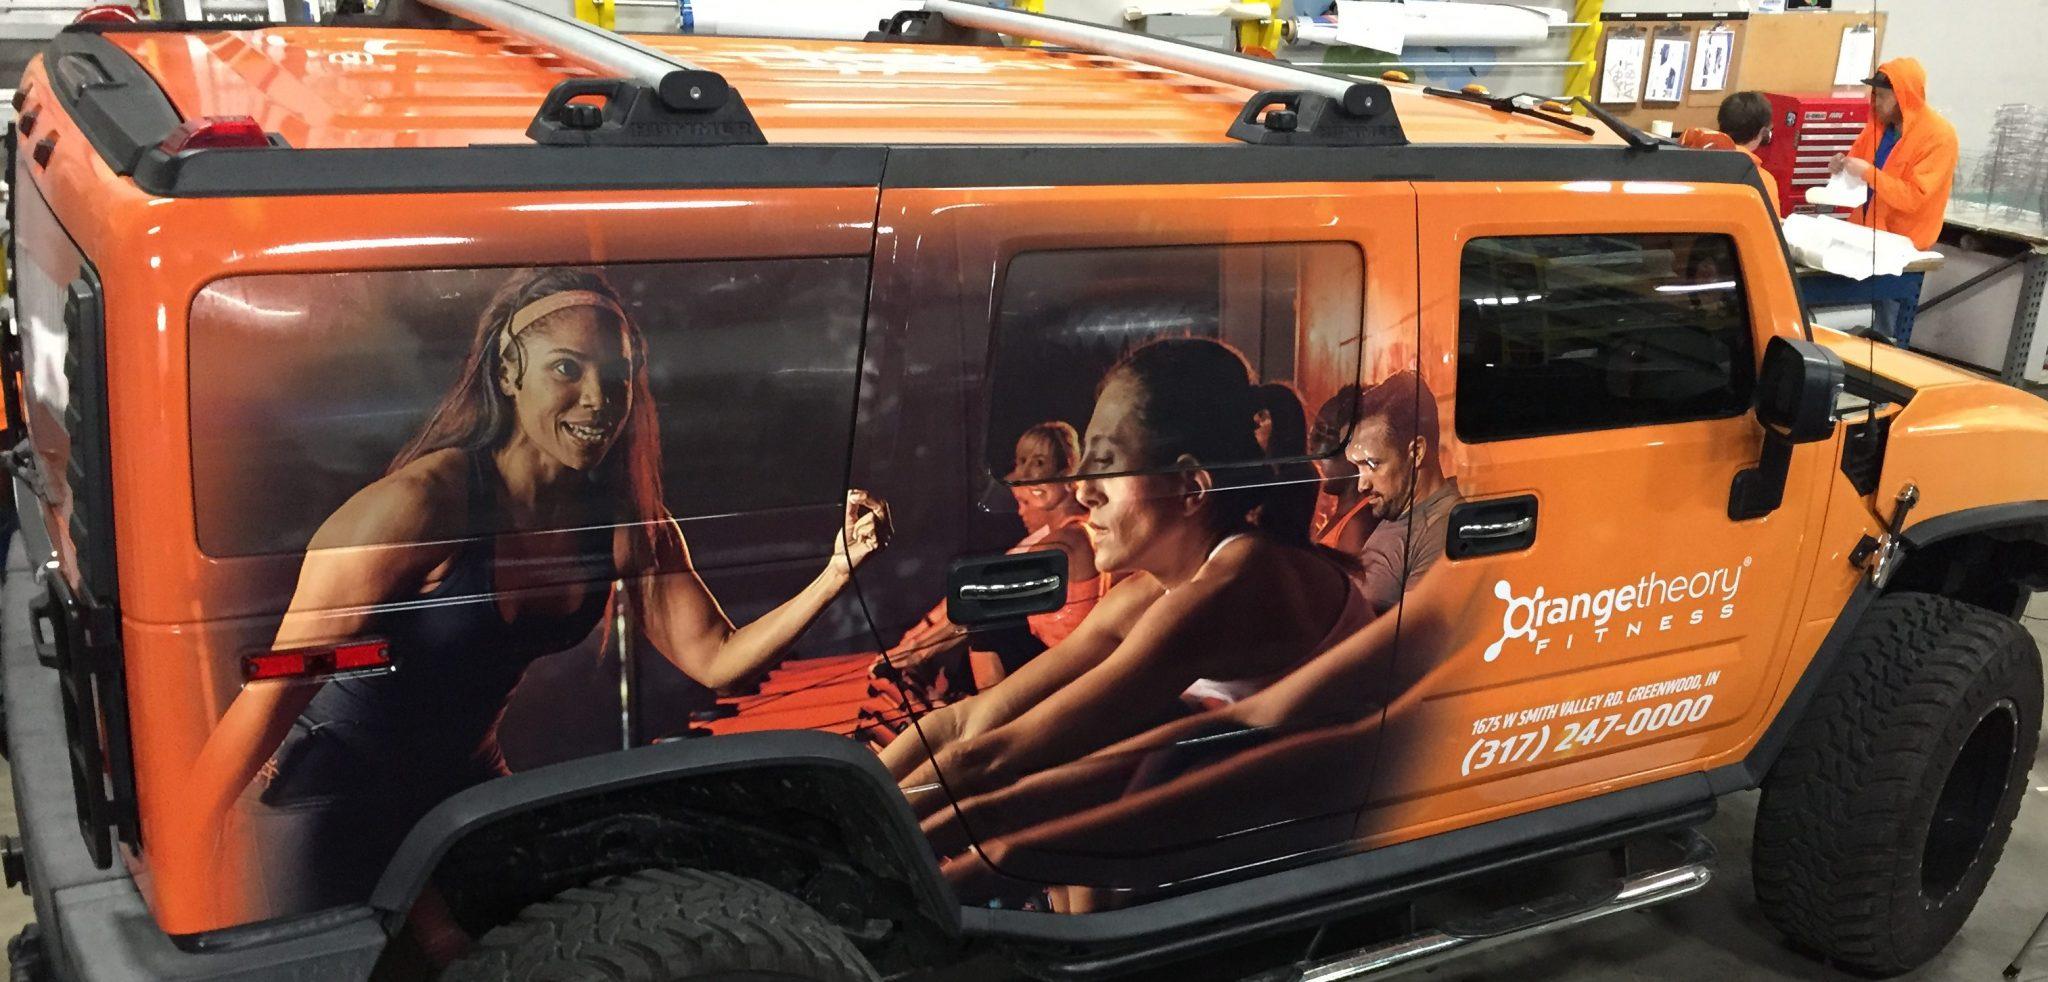 OrangeTheory fitness vehicle wrap